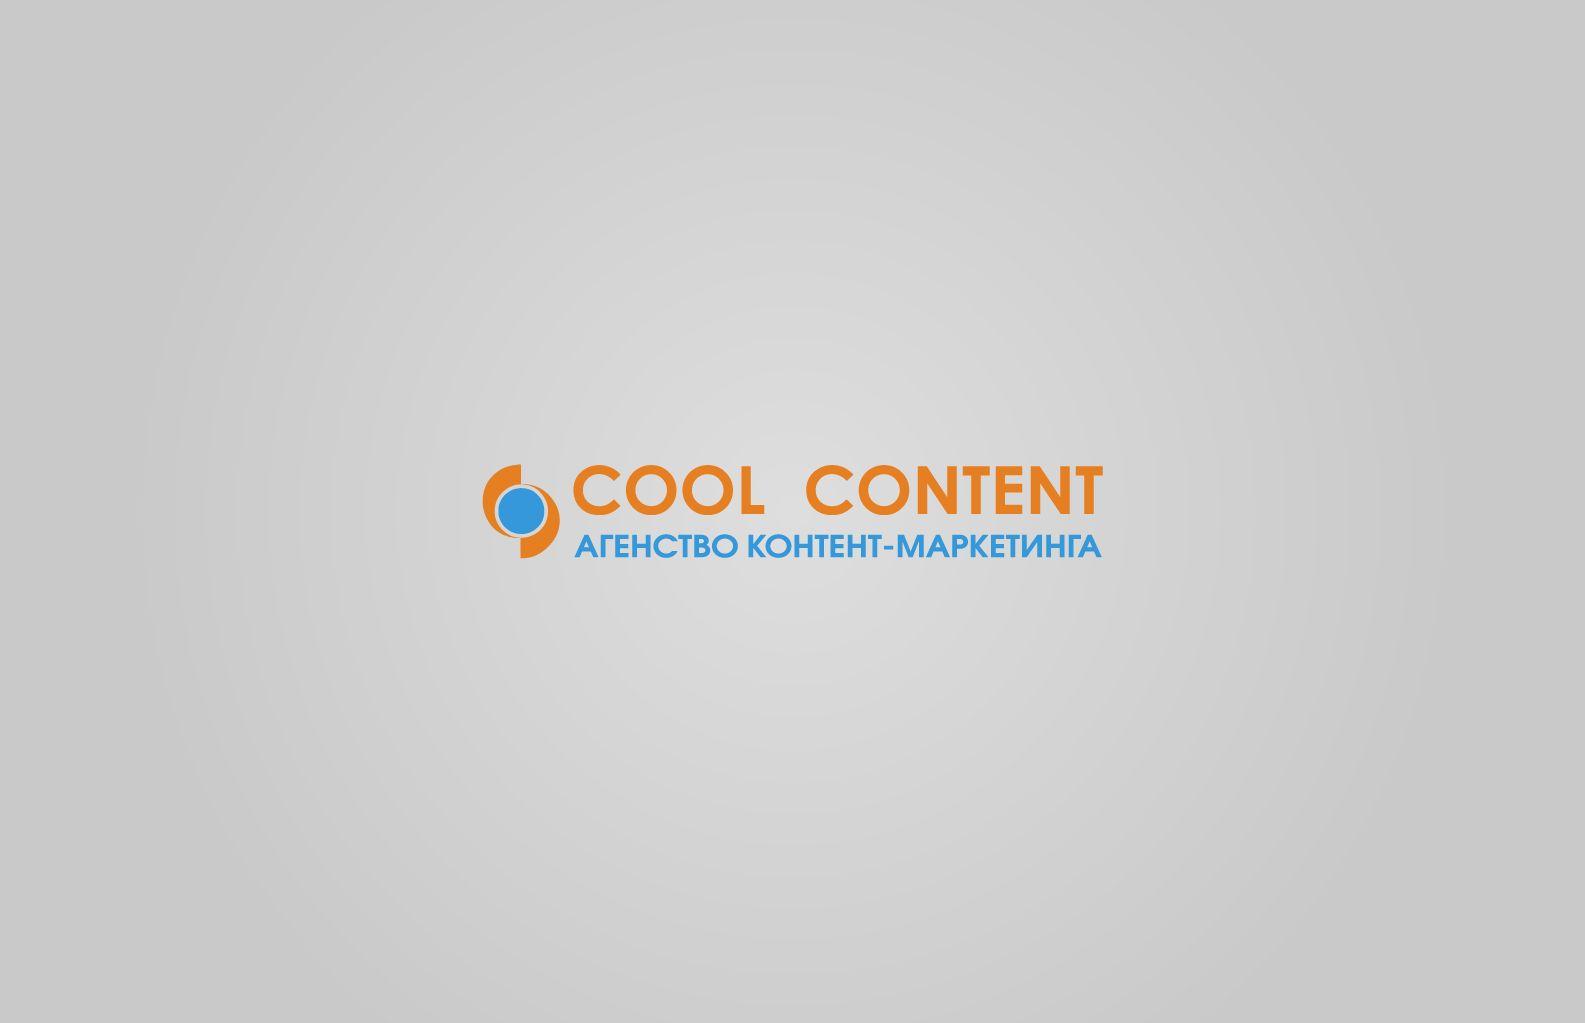 Лого для агентства Cool Content - дизайнер splinter